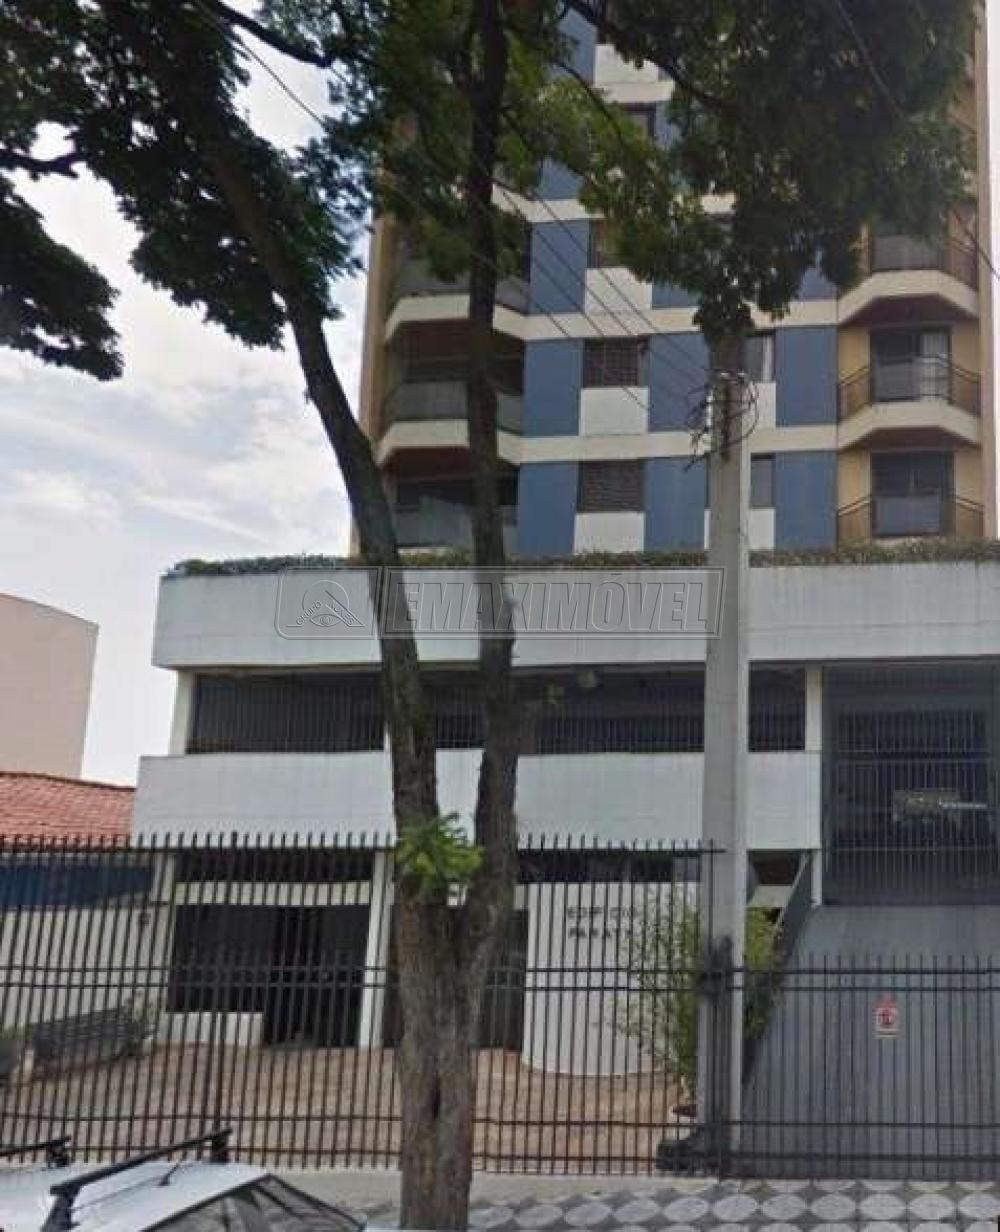 Comprar Apartamentos / Apto Padrão em Sorocaba apenas R$ 510.000,00 - Foto 1